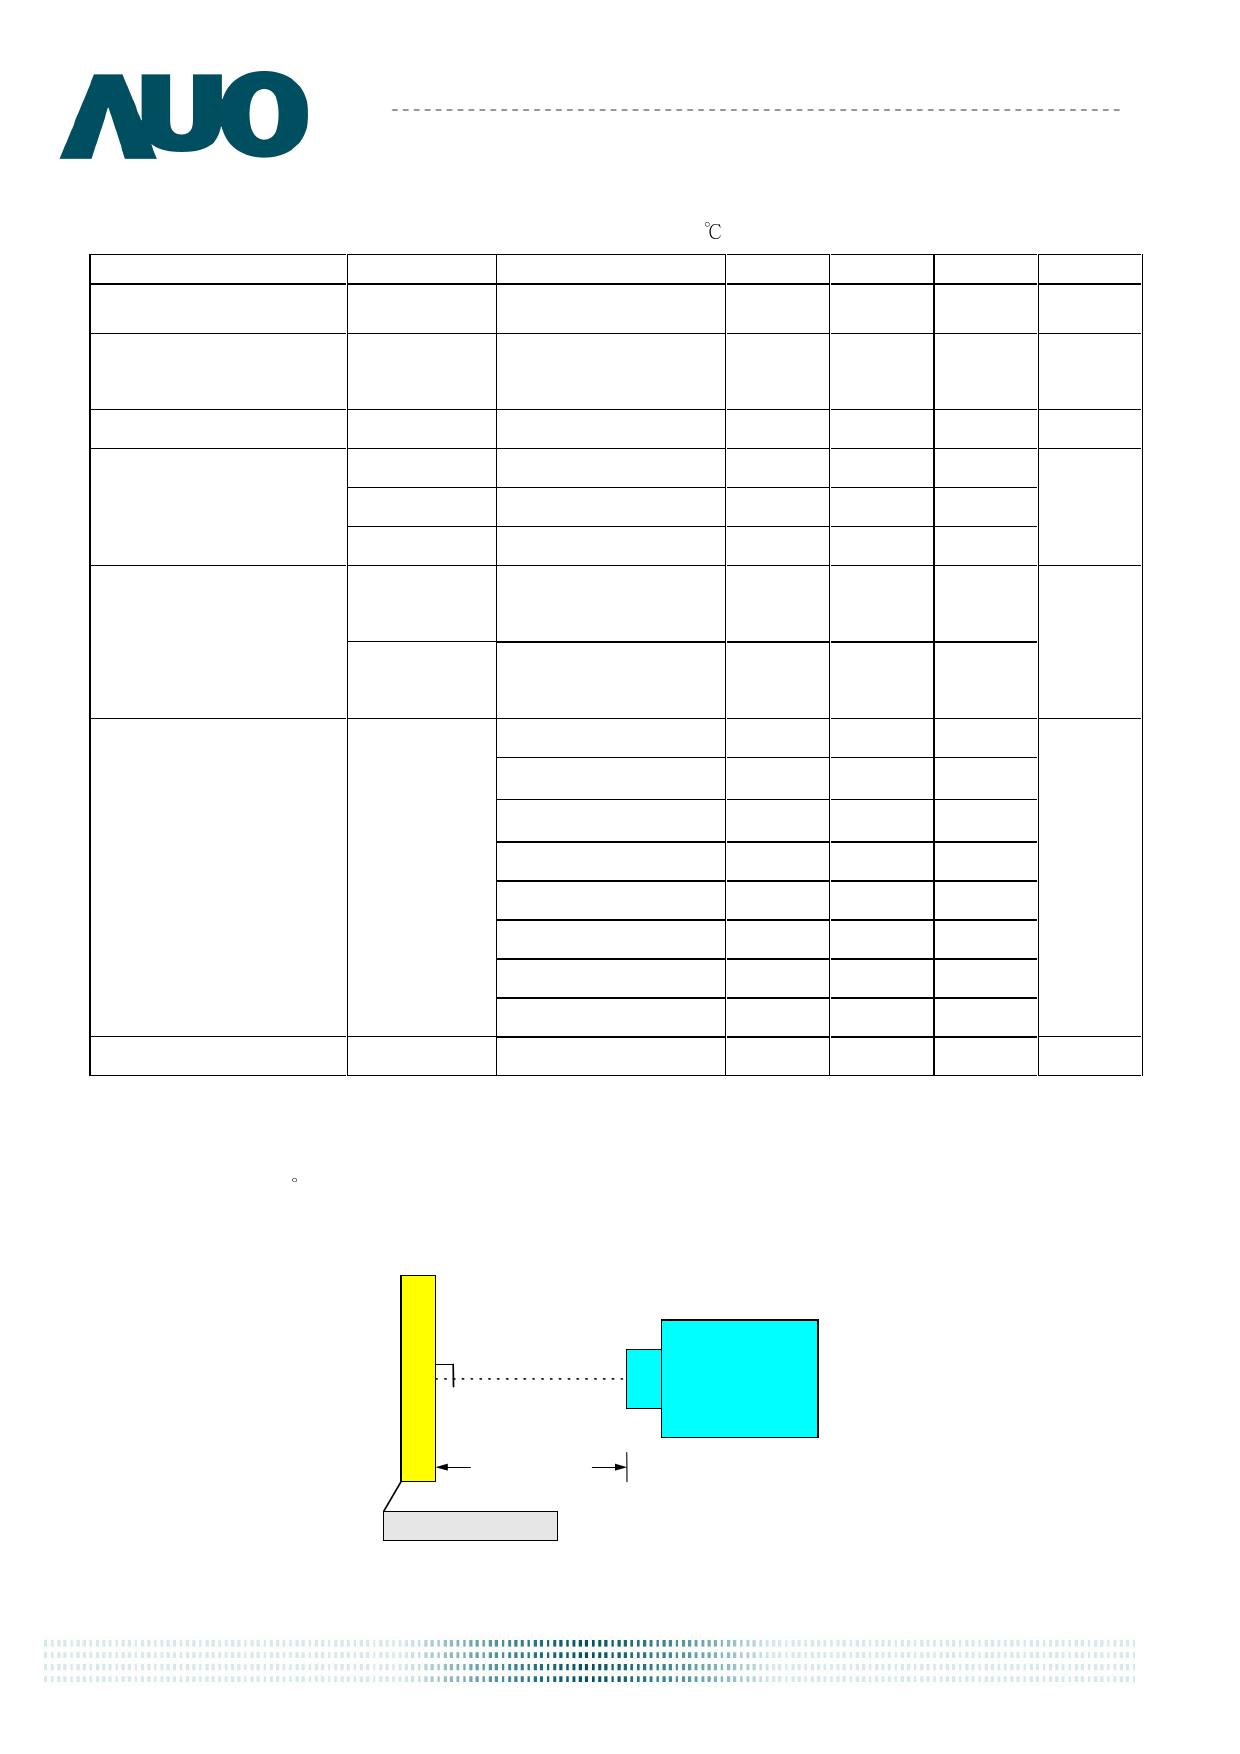 G057QN01_V0 電子部品, 半導体